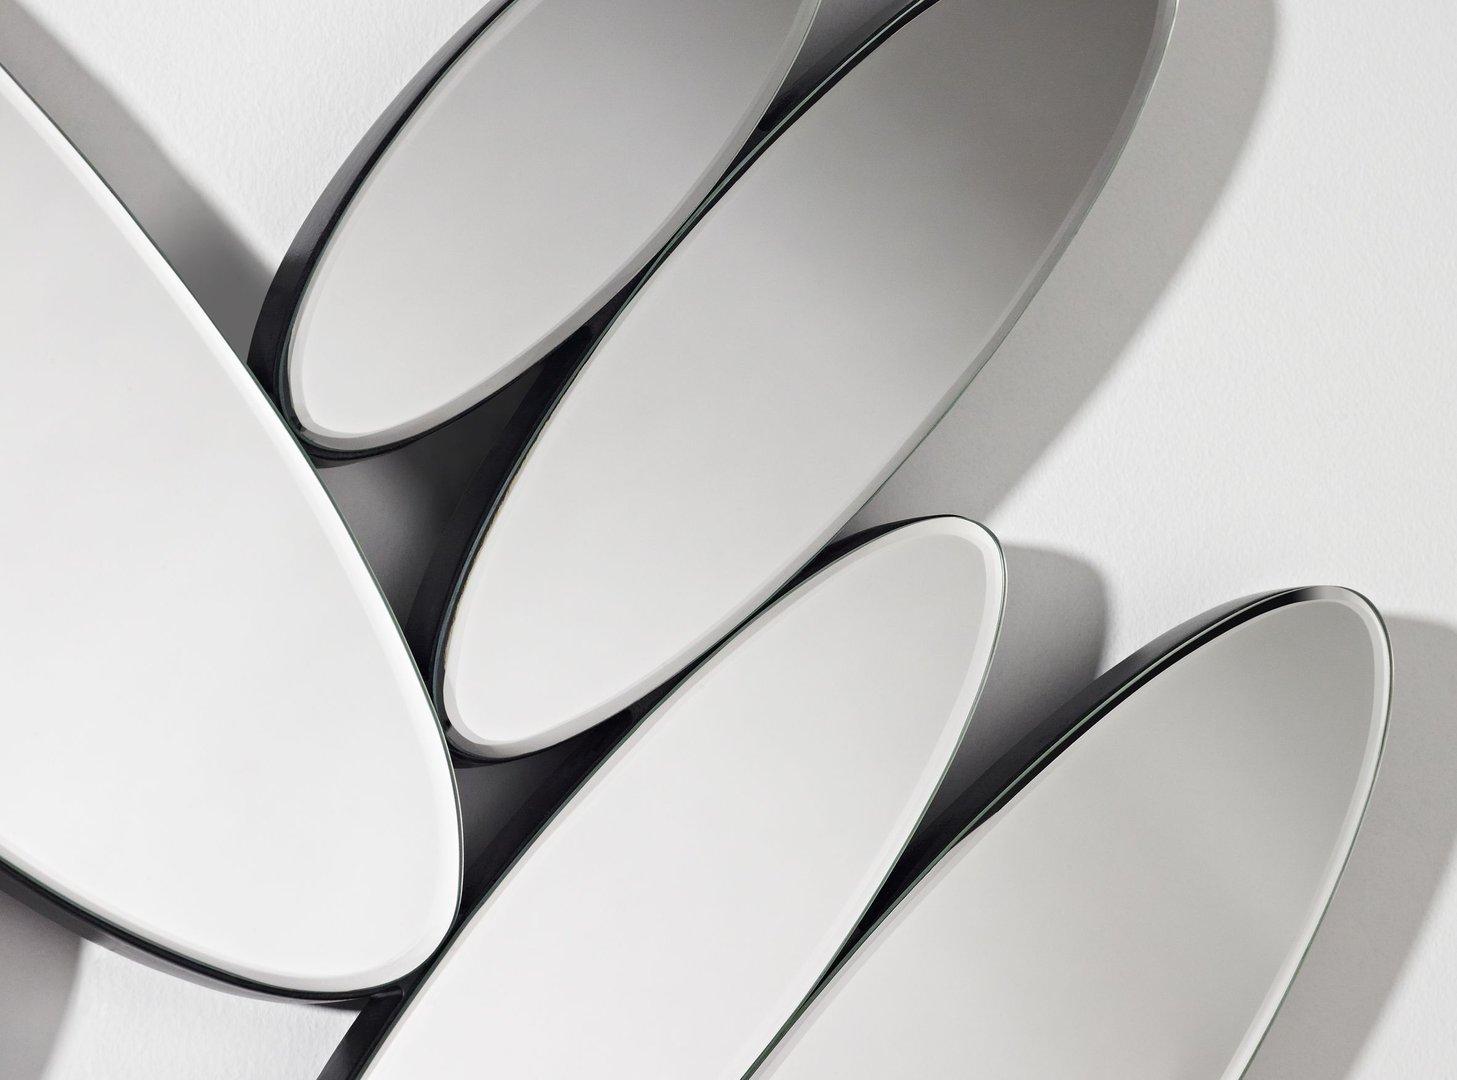 kauf rahmenloser design wand spiegel ovals mirror. Black Bedroom Furniture Sets. Home Design Ideas